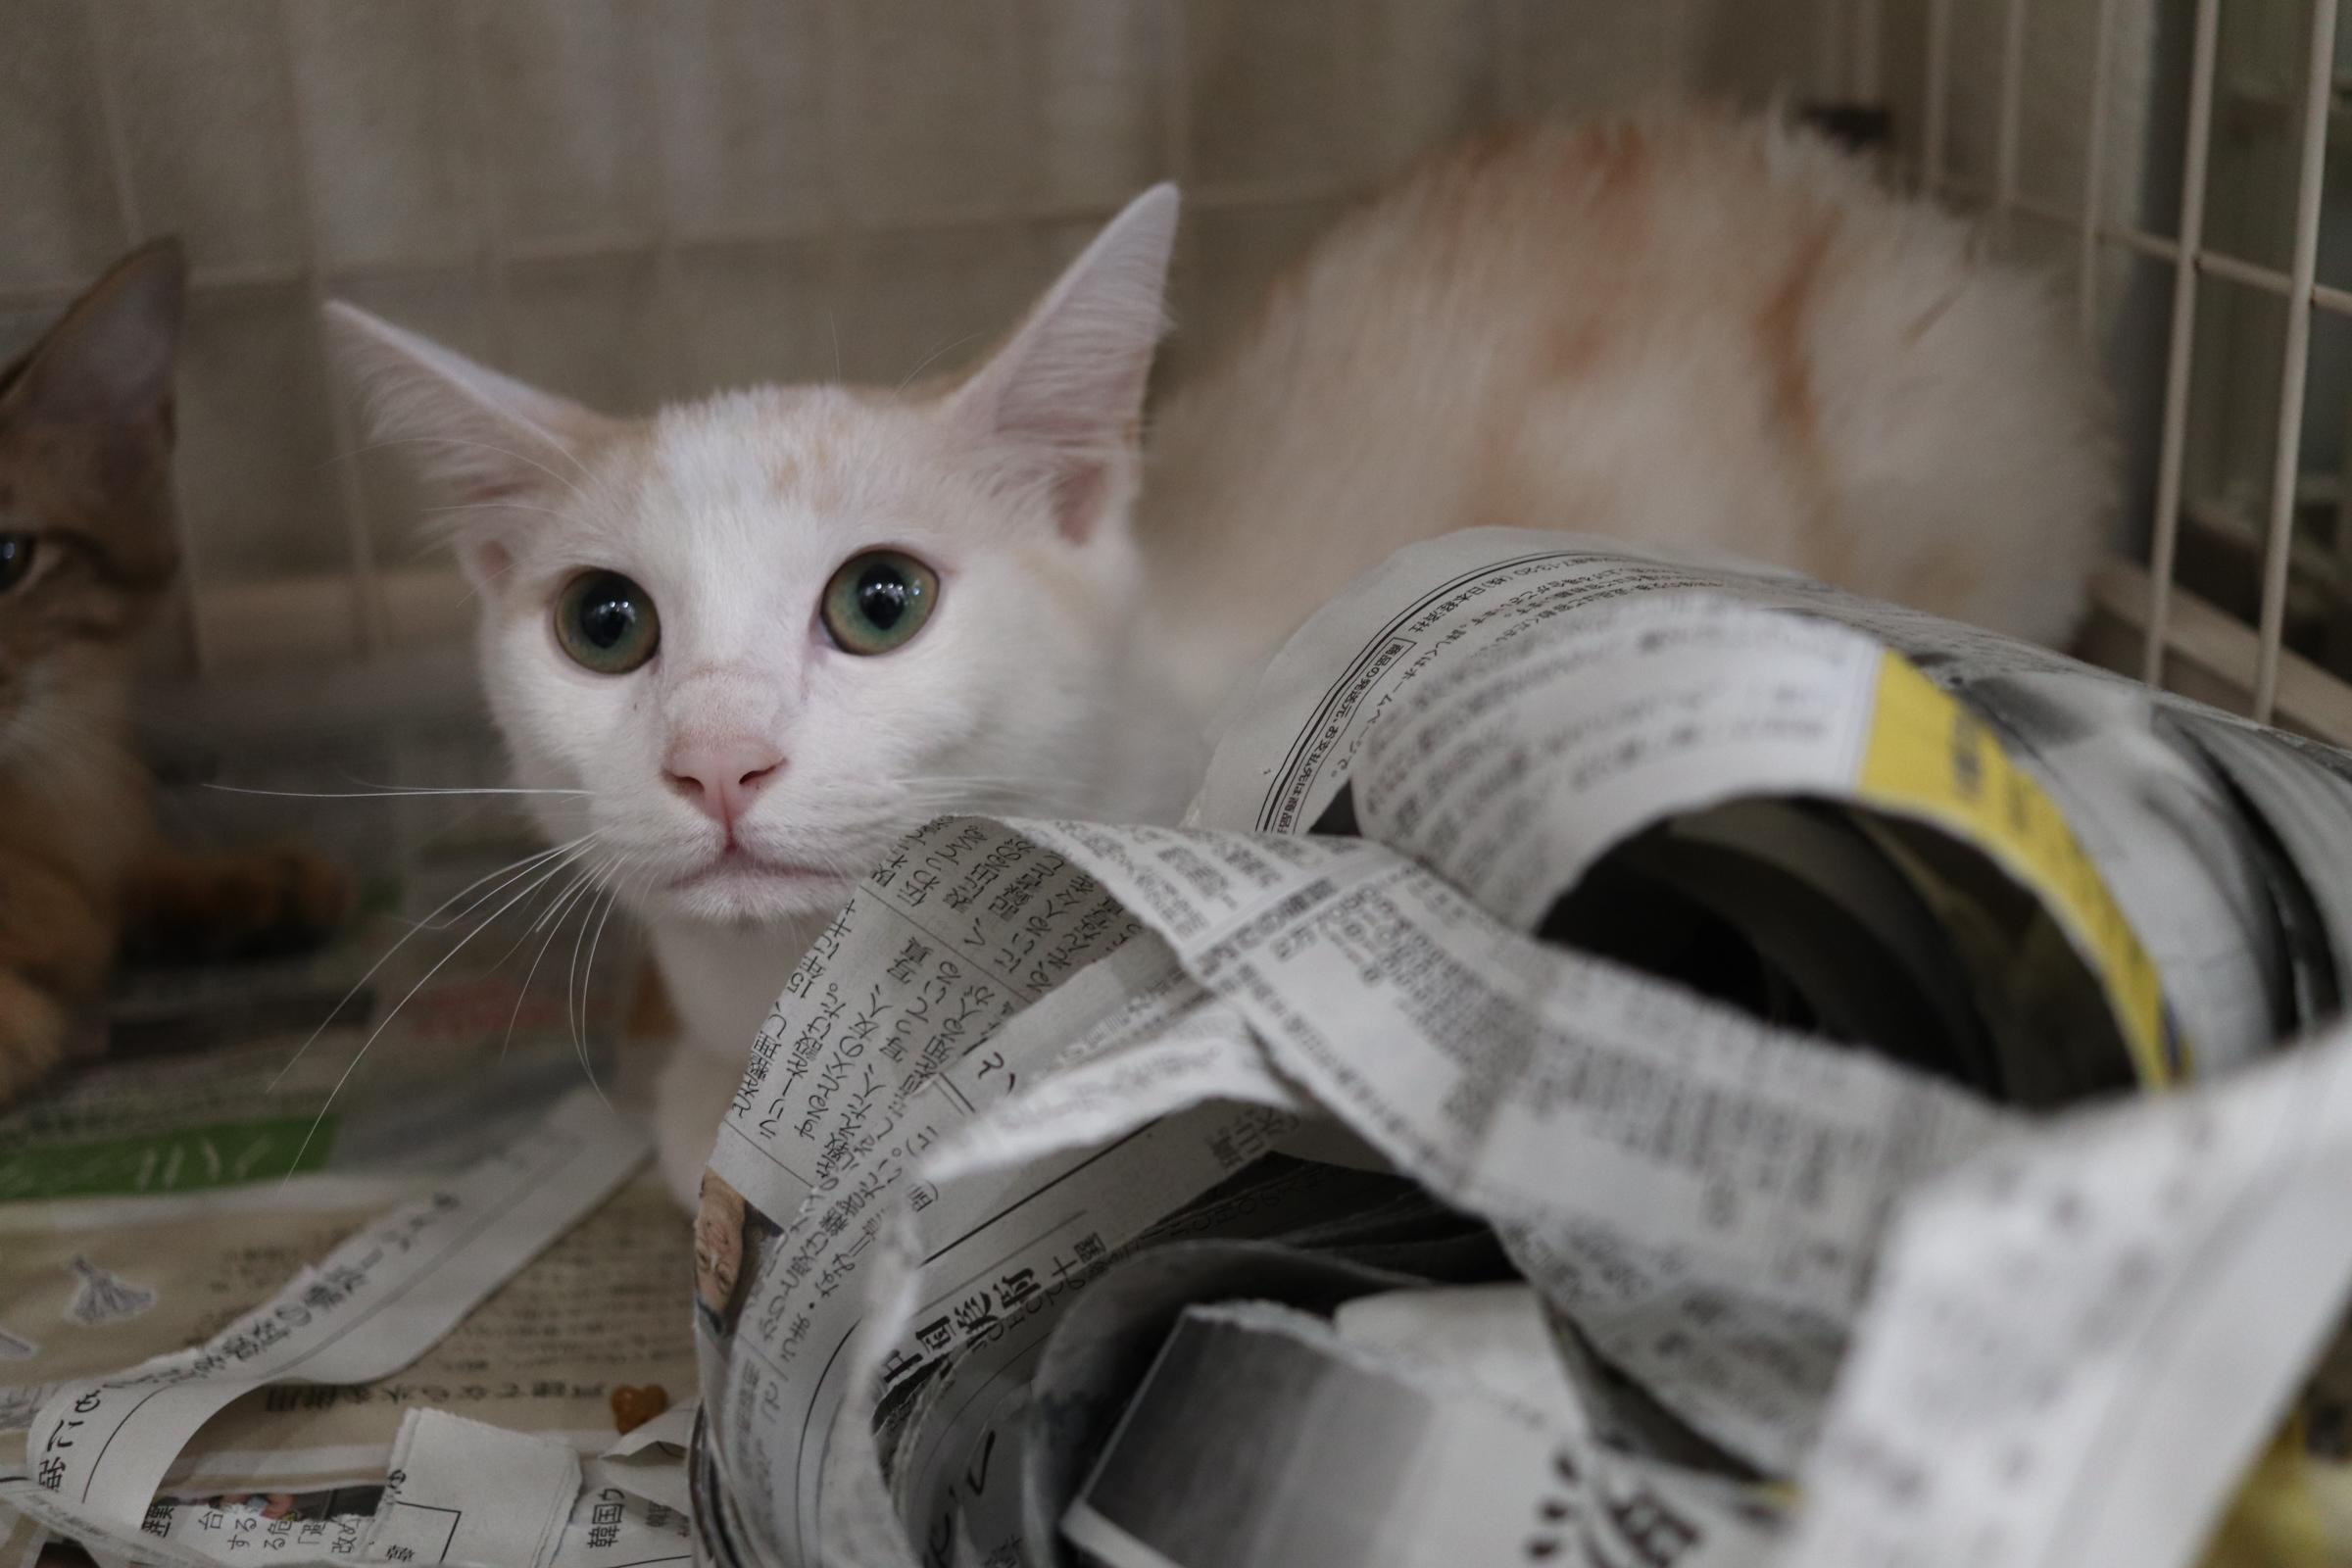 <ul> <li>猫種:日本猫</li> <li>性別:男の子</li> <li>名前:白</li> <li>年齢:2021年1月21日生まれ</li> <li>保護経緯:飼い主が高齢になり認知症のため飼育困難</li> </ul>